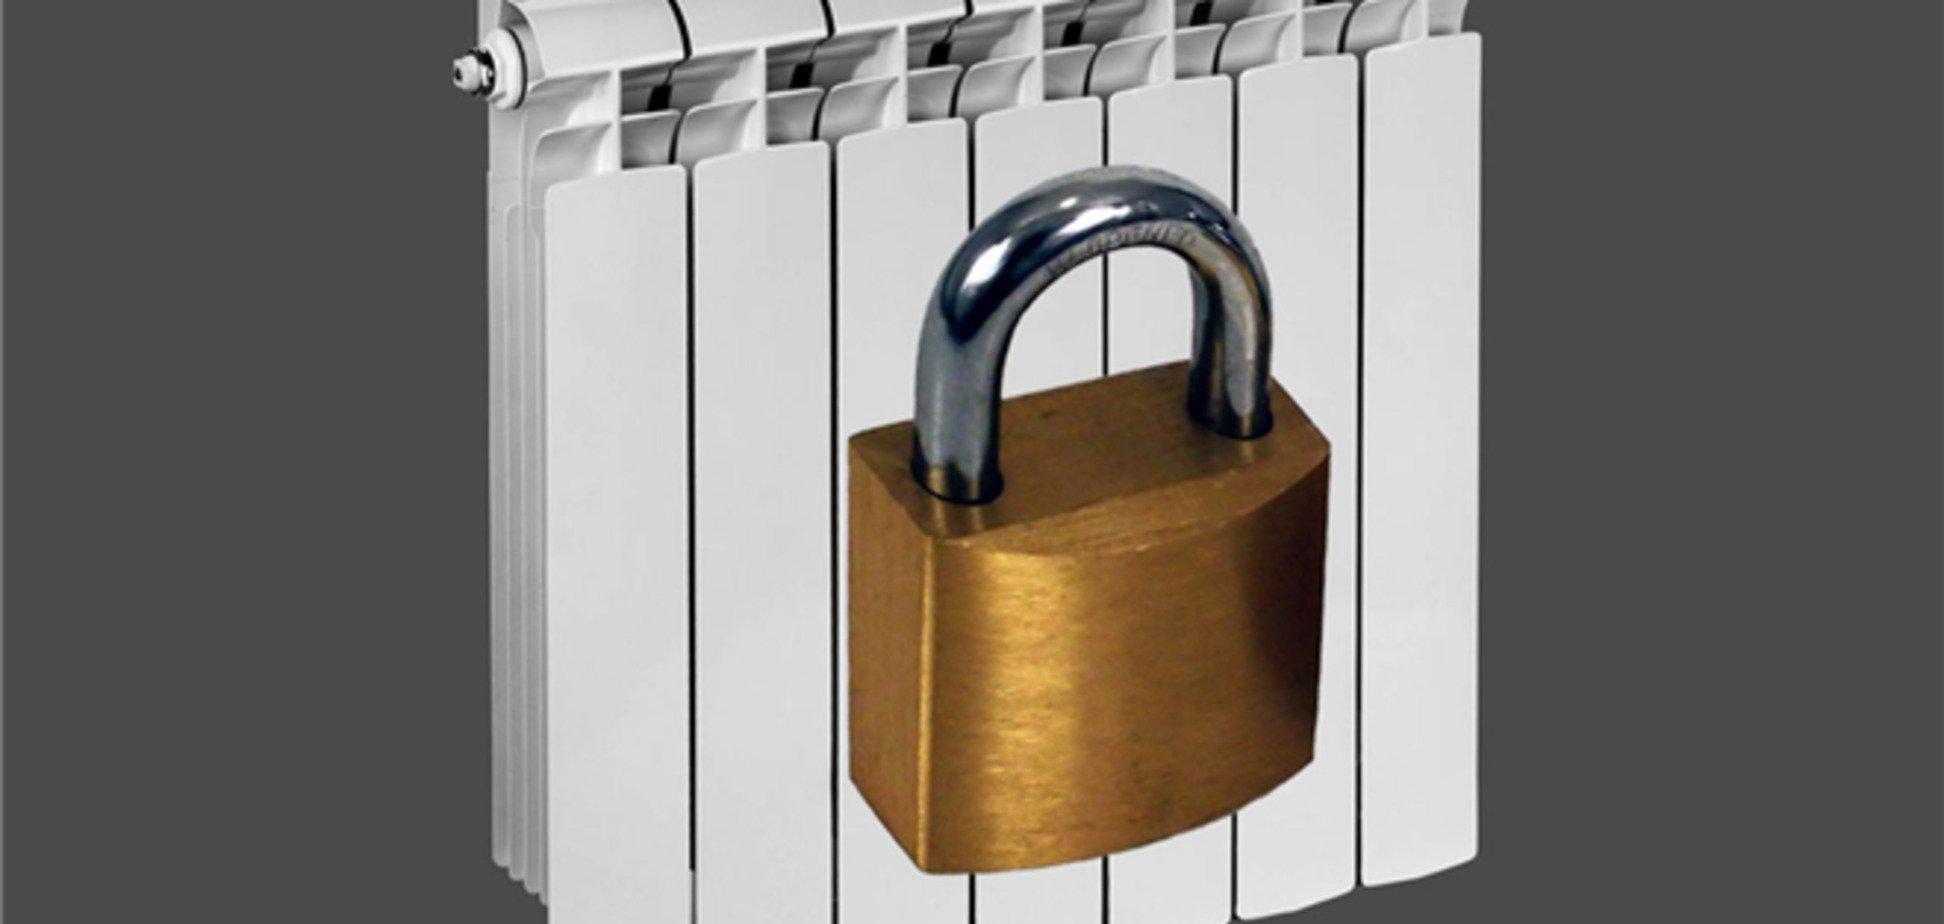 Минрегион внесет закон об отключении потребителей от центрального отопления